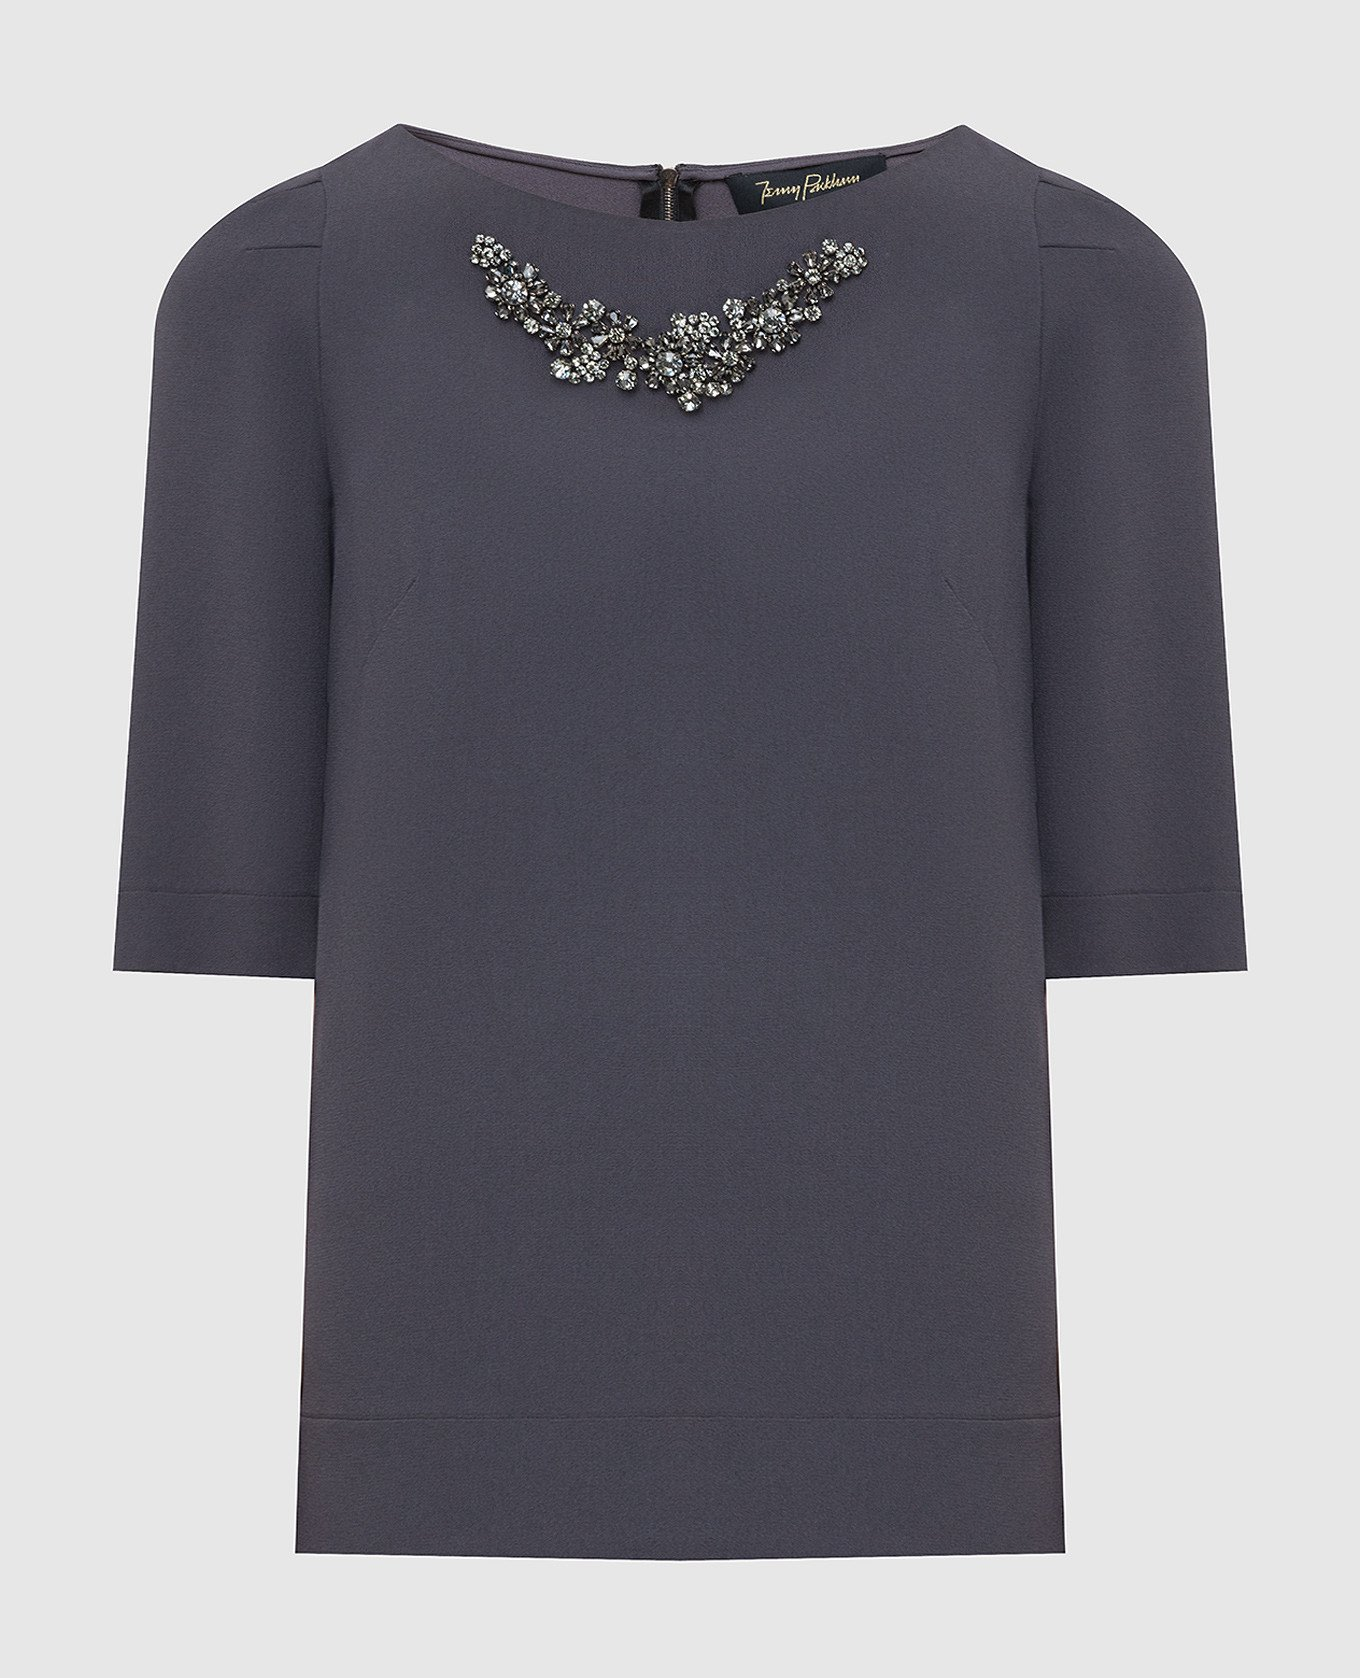 Темно-серая блуза с кристаллами